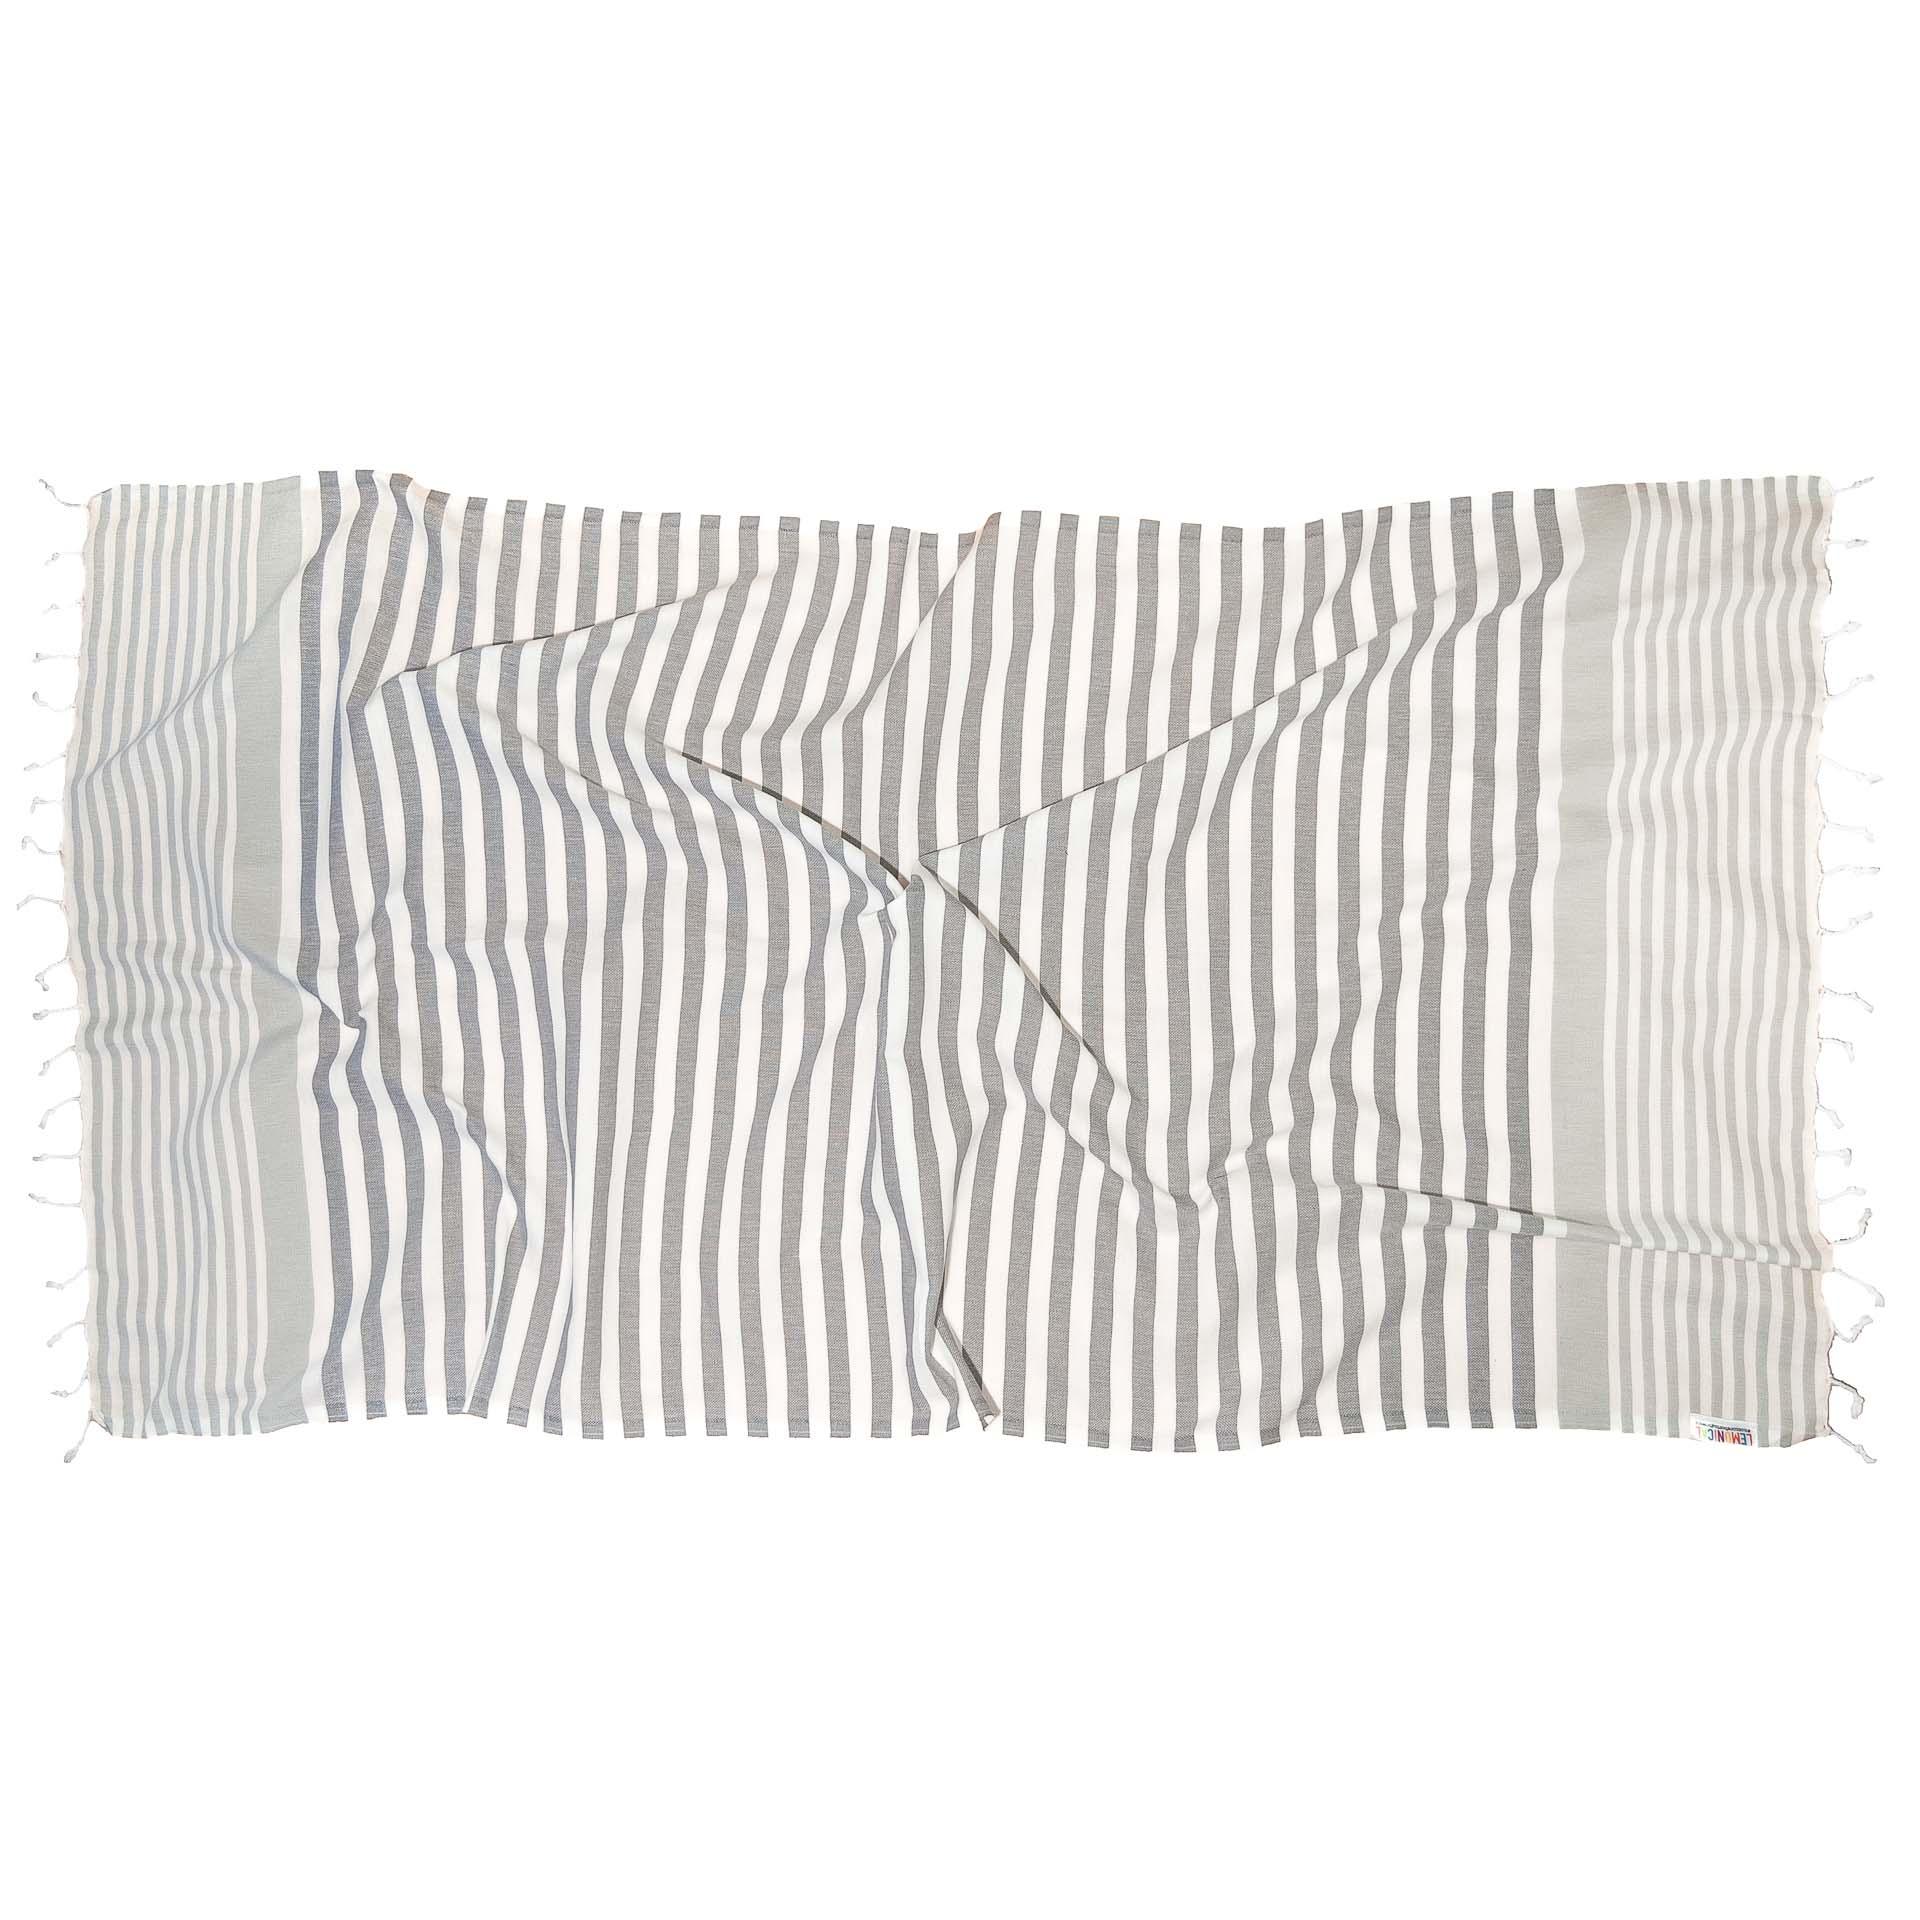 SEAGULL кърпа 1 LEMONICAL